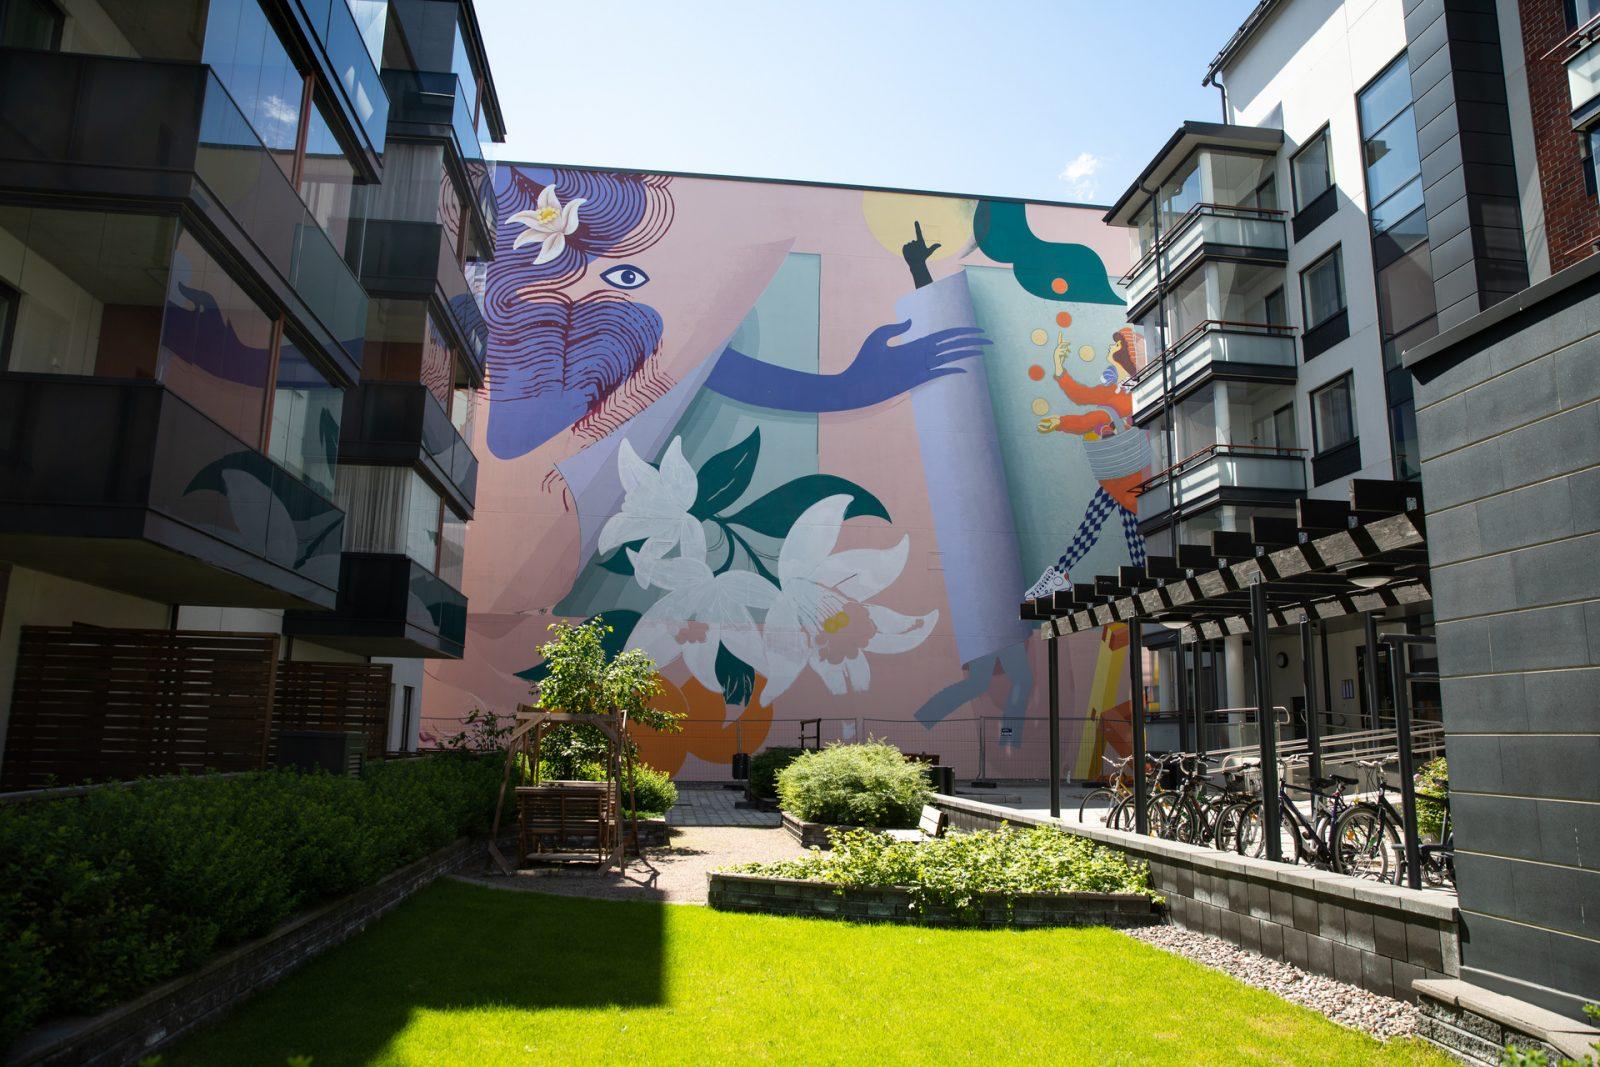 Malskin kulttuurikeskuksen seinään maalattu muraali.